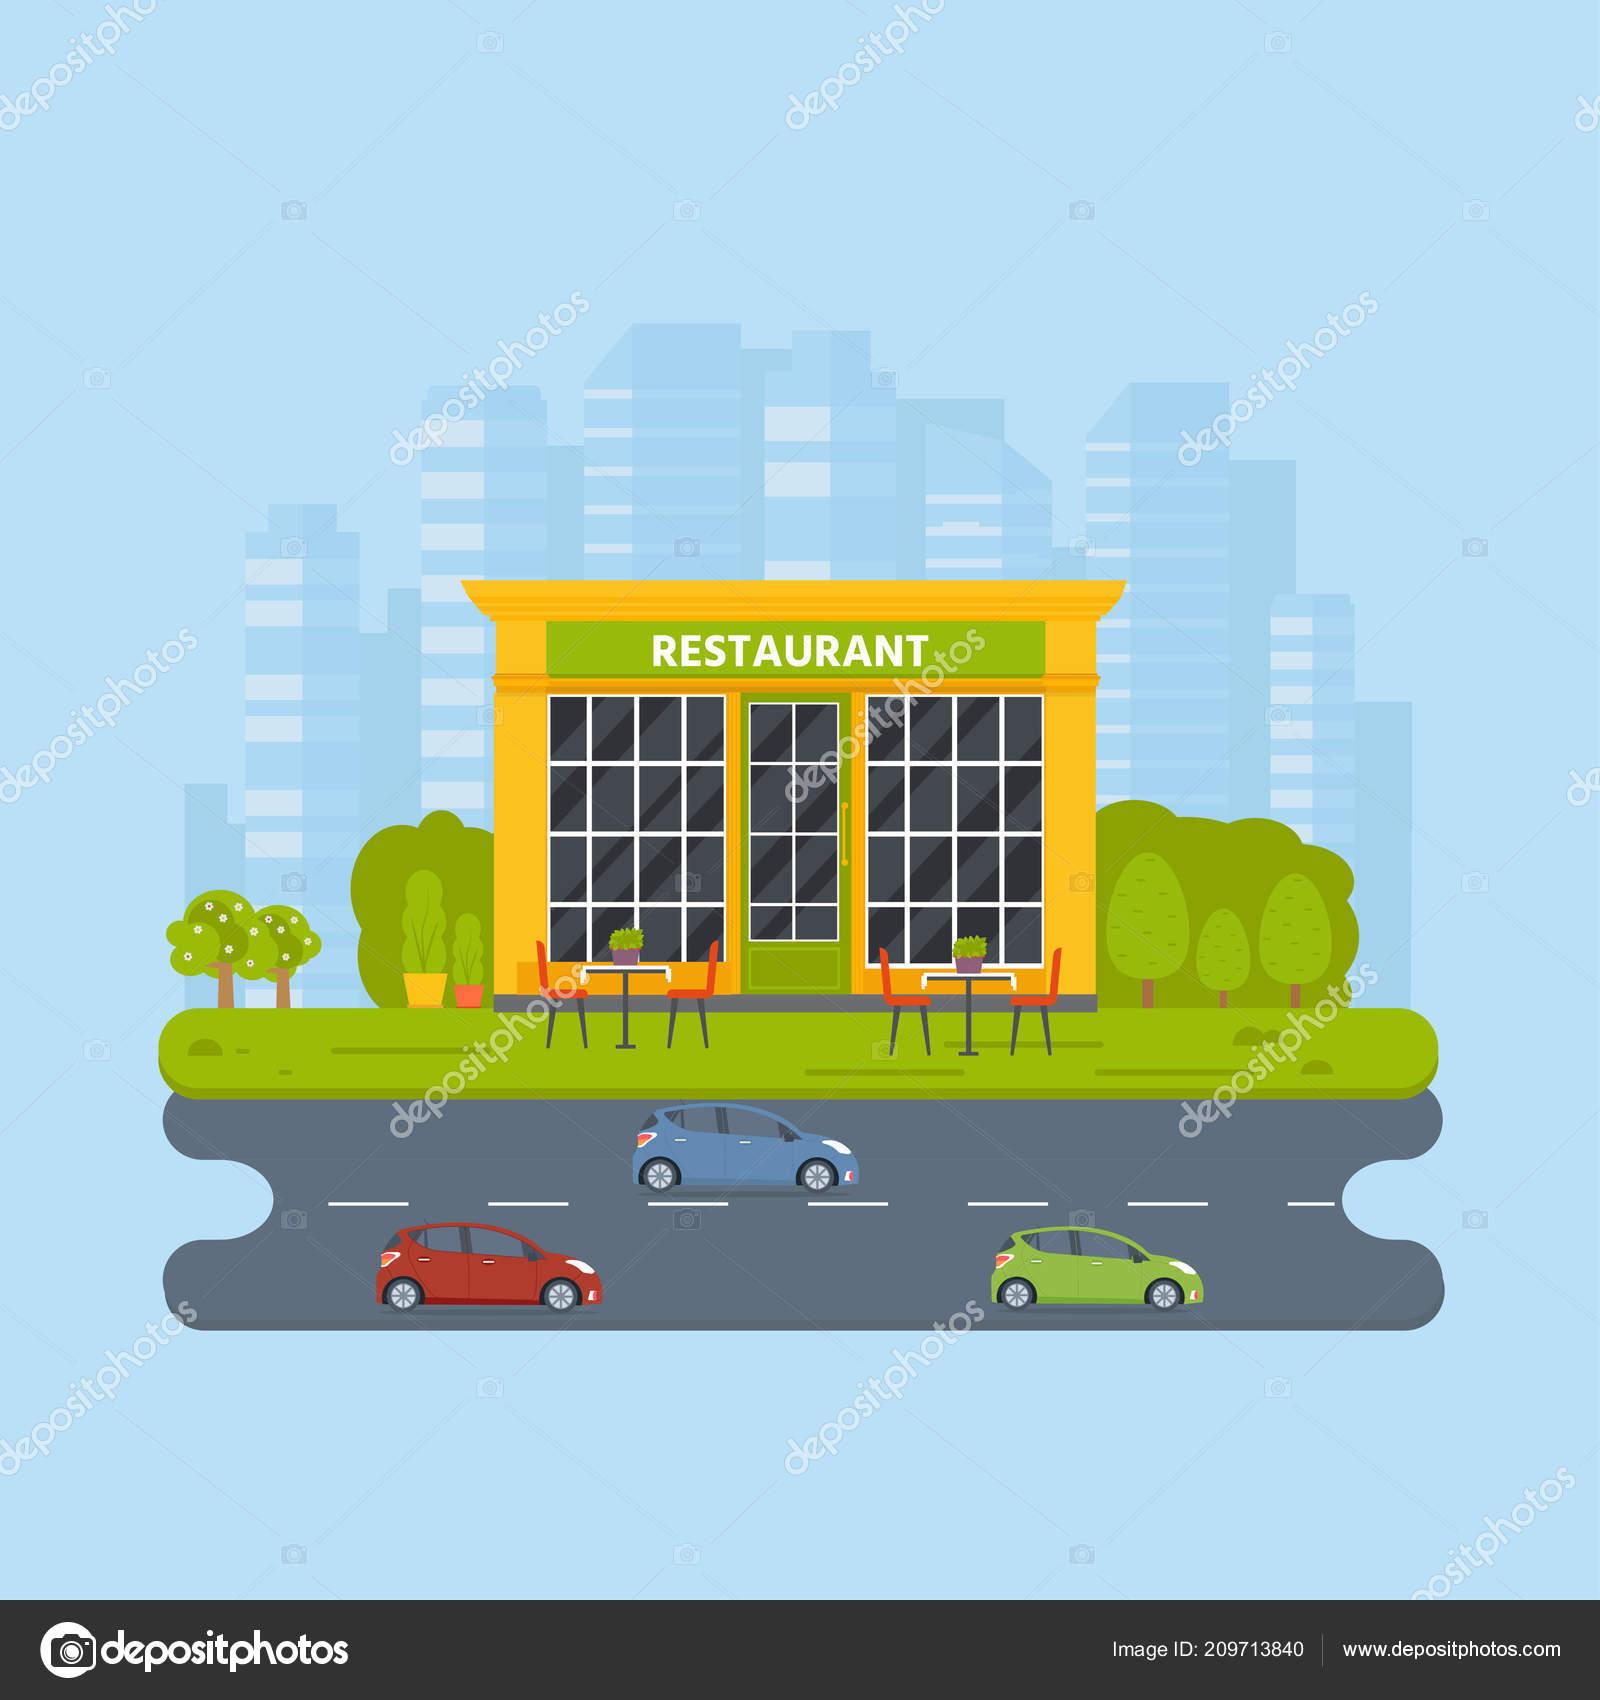 Vector Flat Design Restaurant Exterior Shop Facade Store Front Window Stock Vector C Tanyasun 209713840